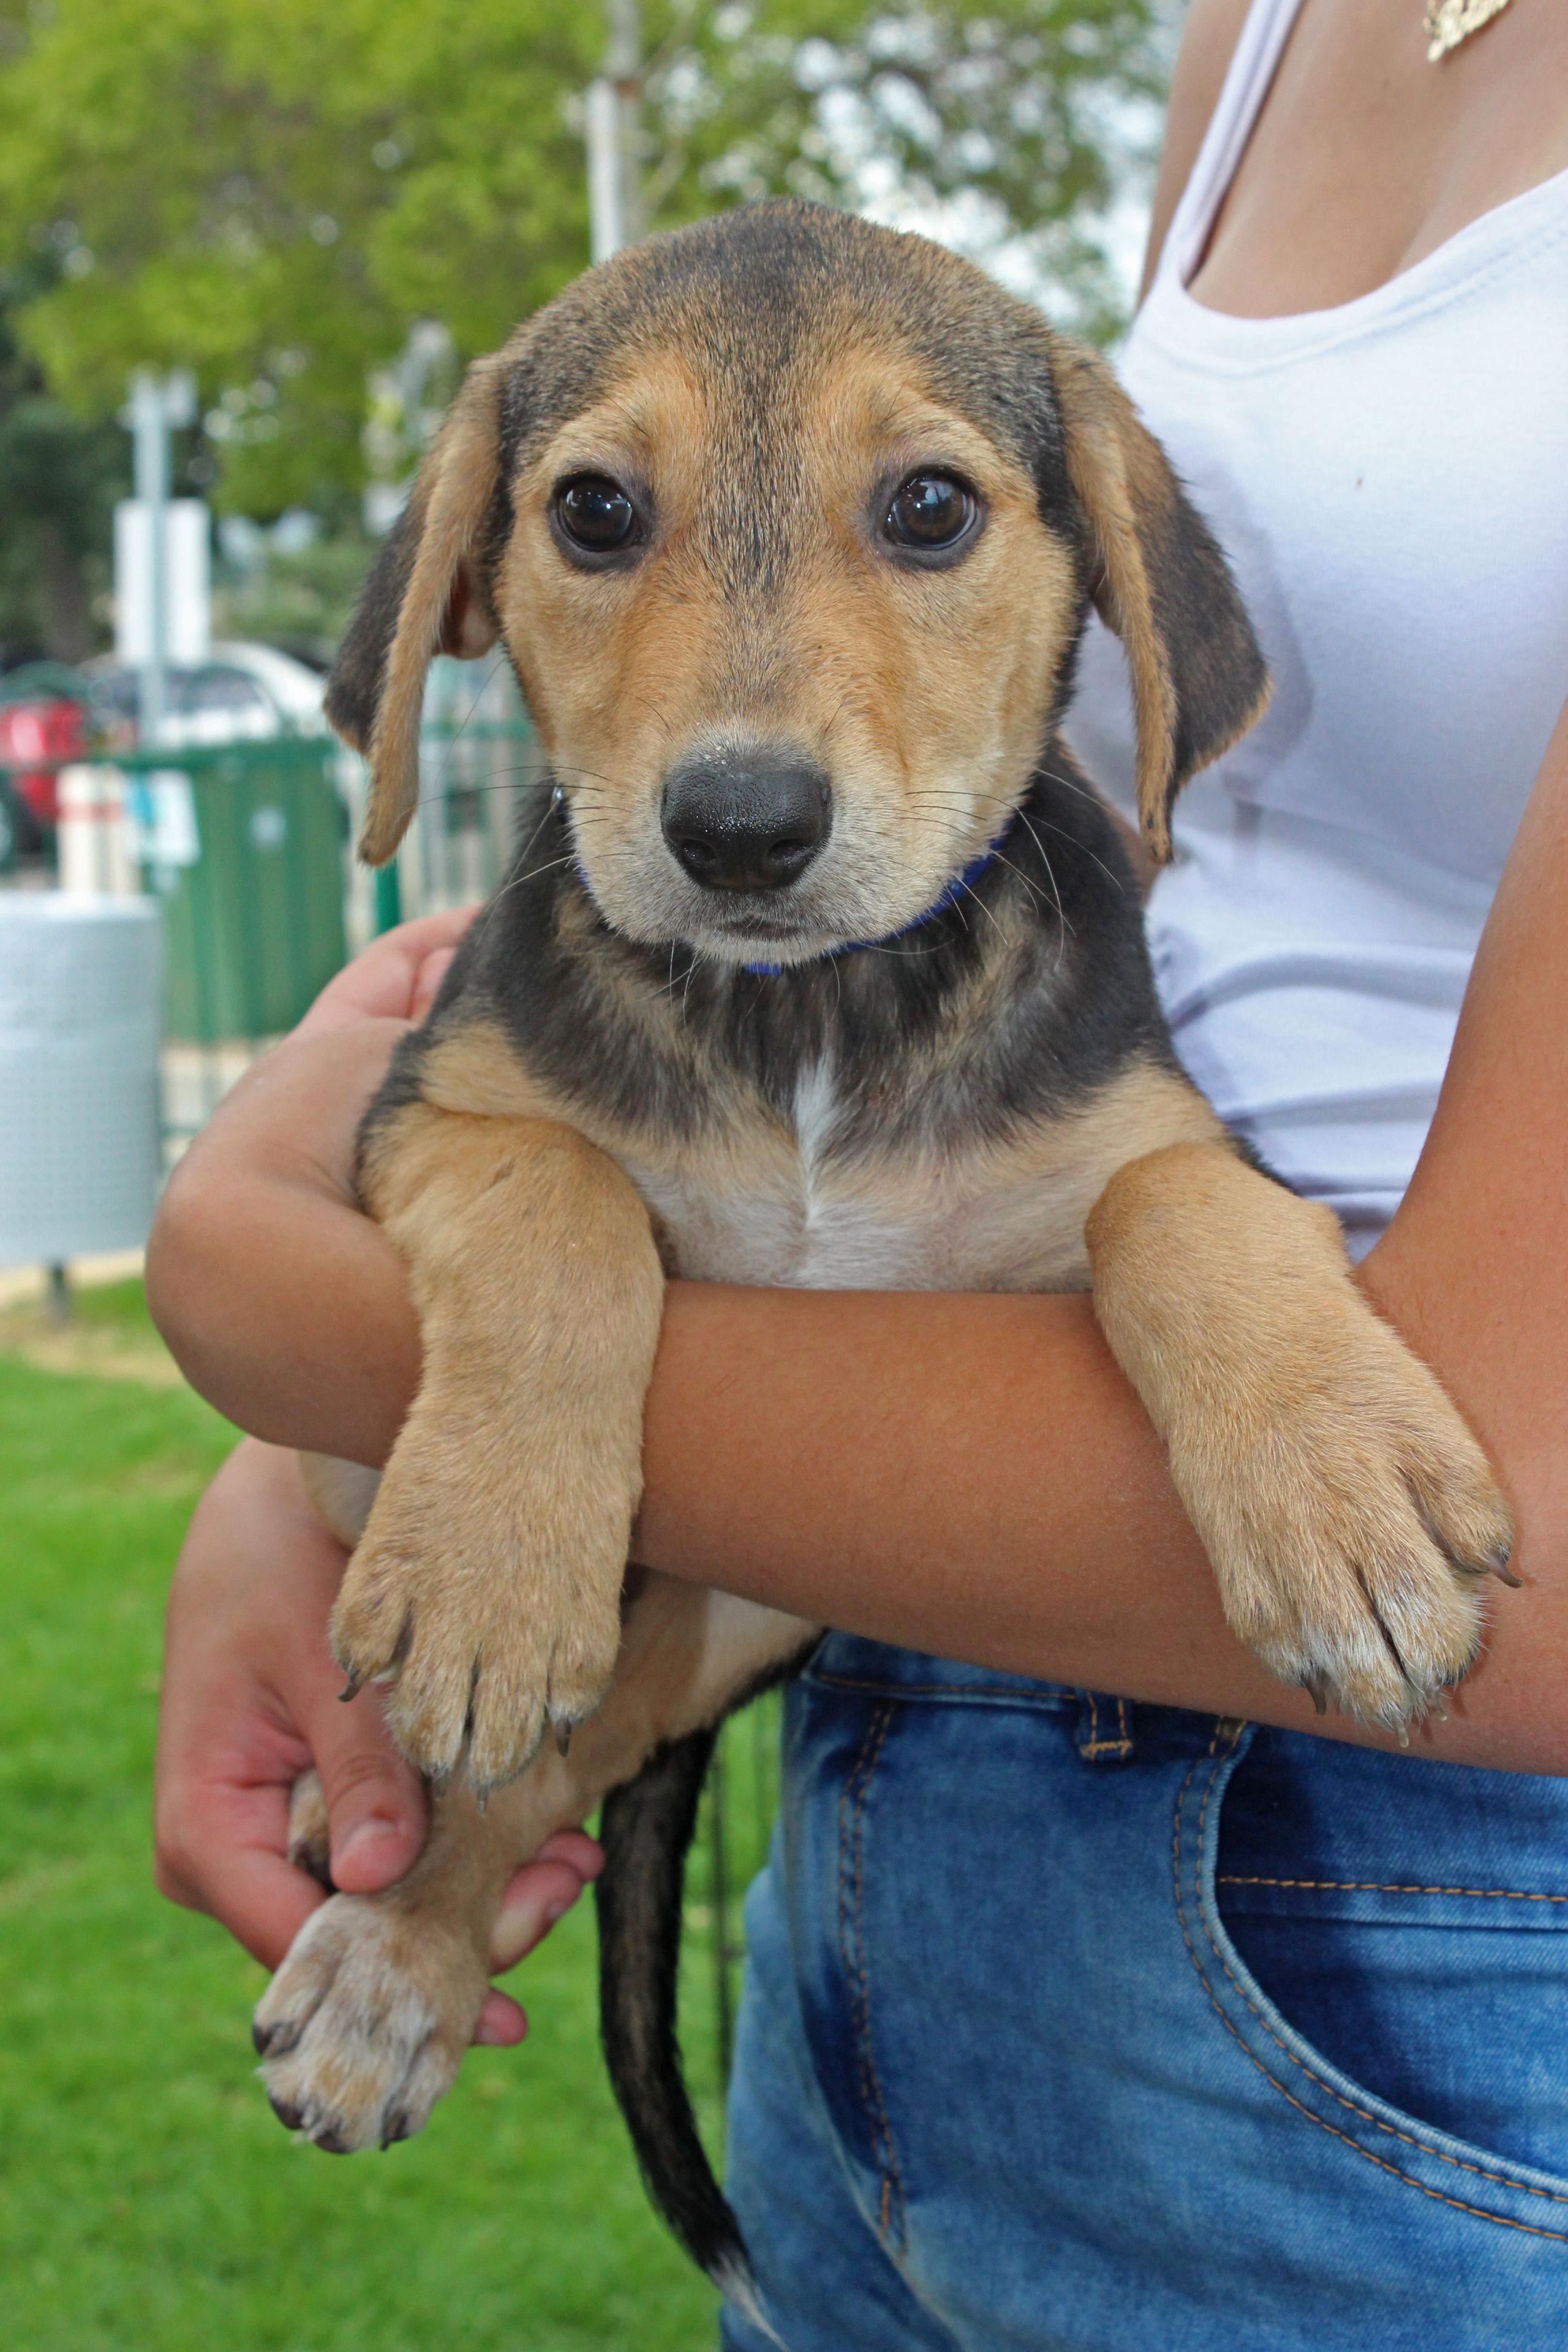 מסודר אמץ כלב : יום אימוץ מיוחד יתקיים בקניון סינמול – בלינקר ZA-93